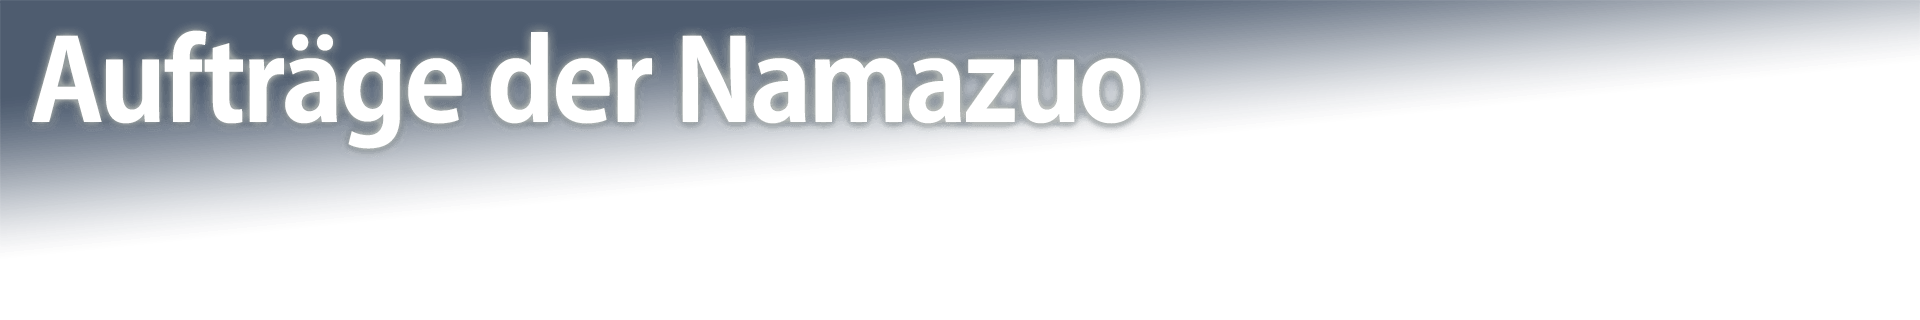 Aufträge der Namazuo